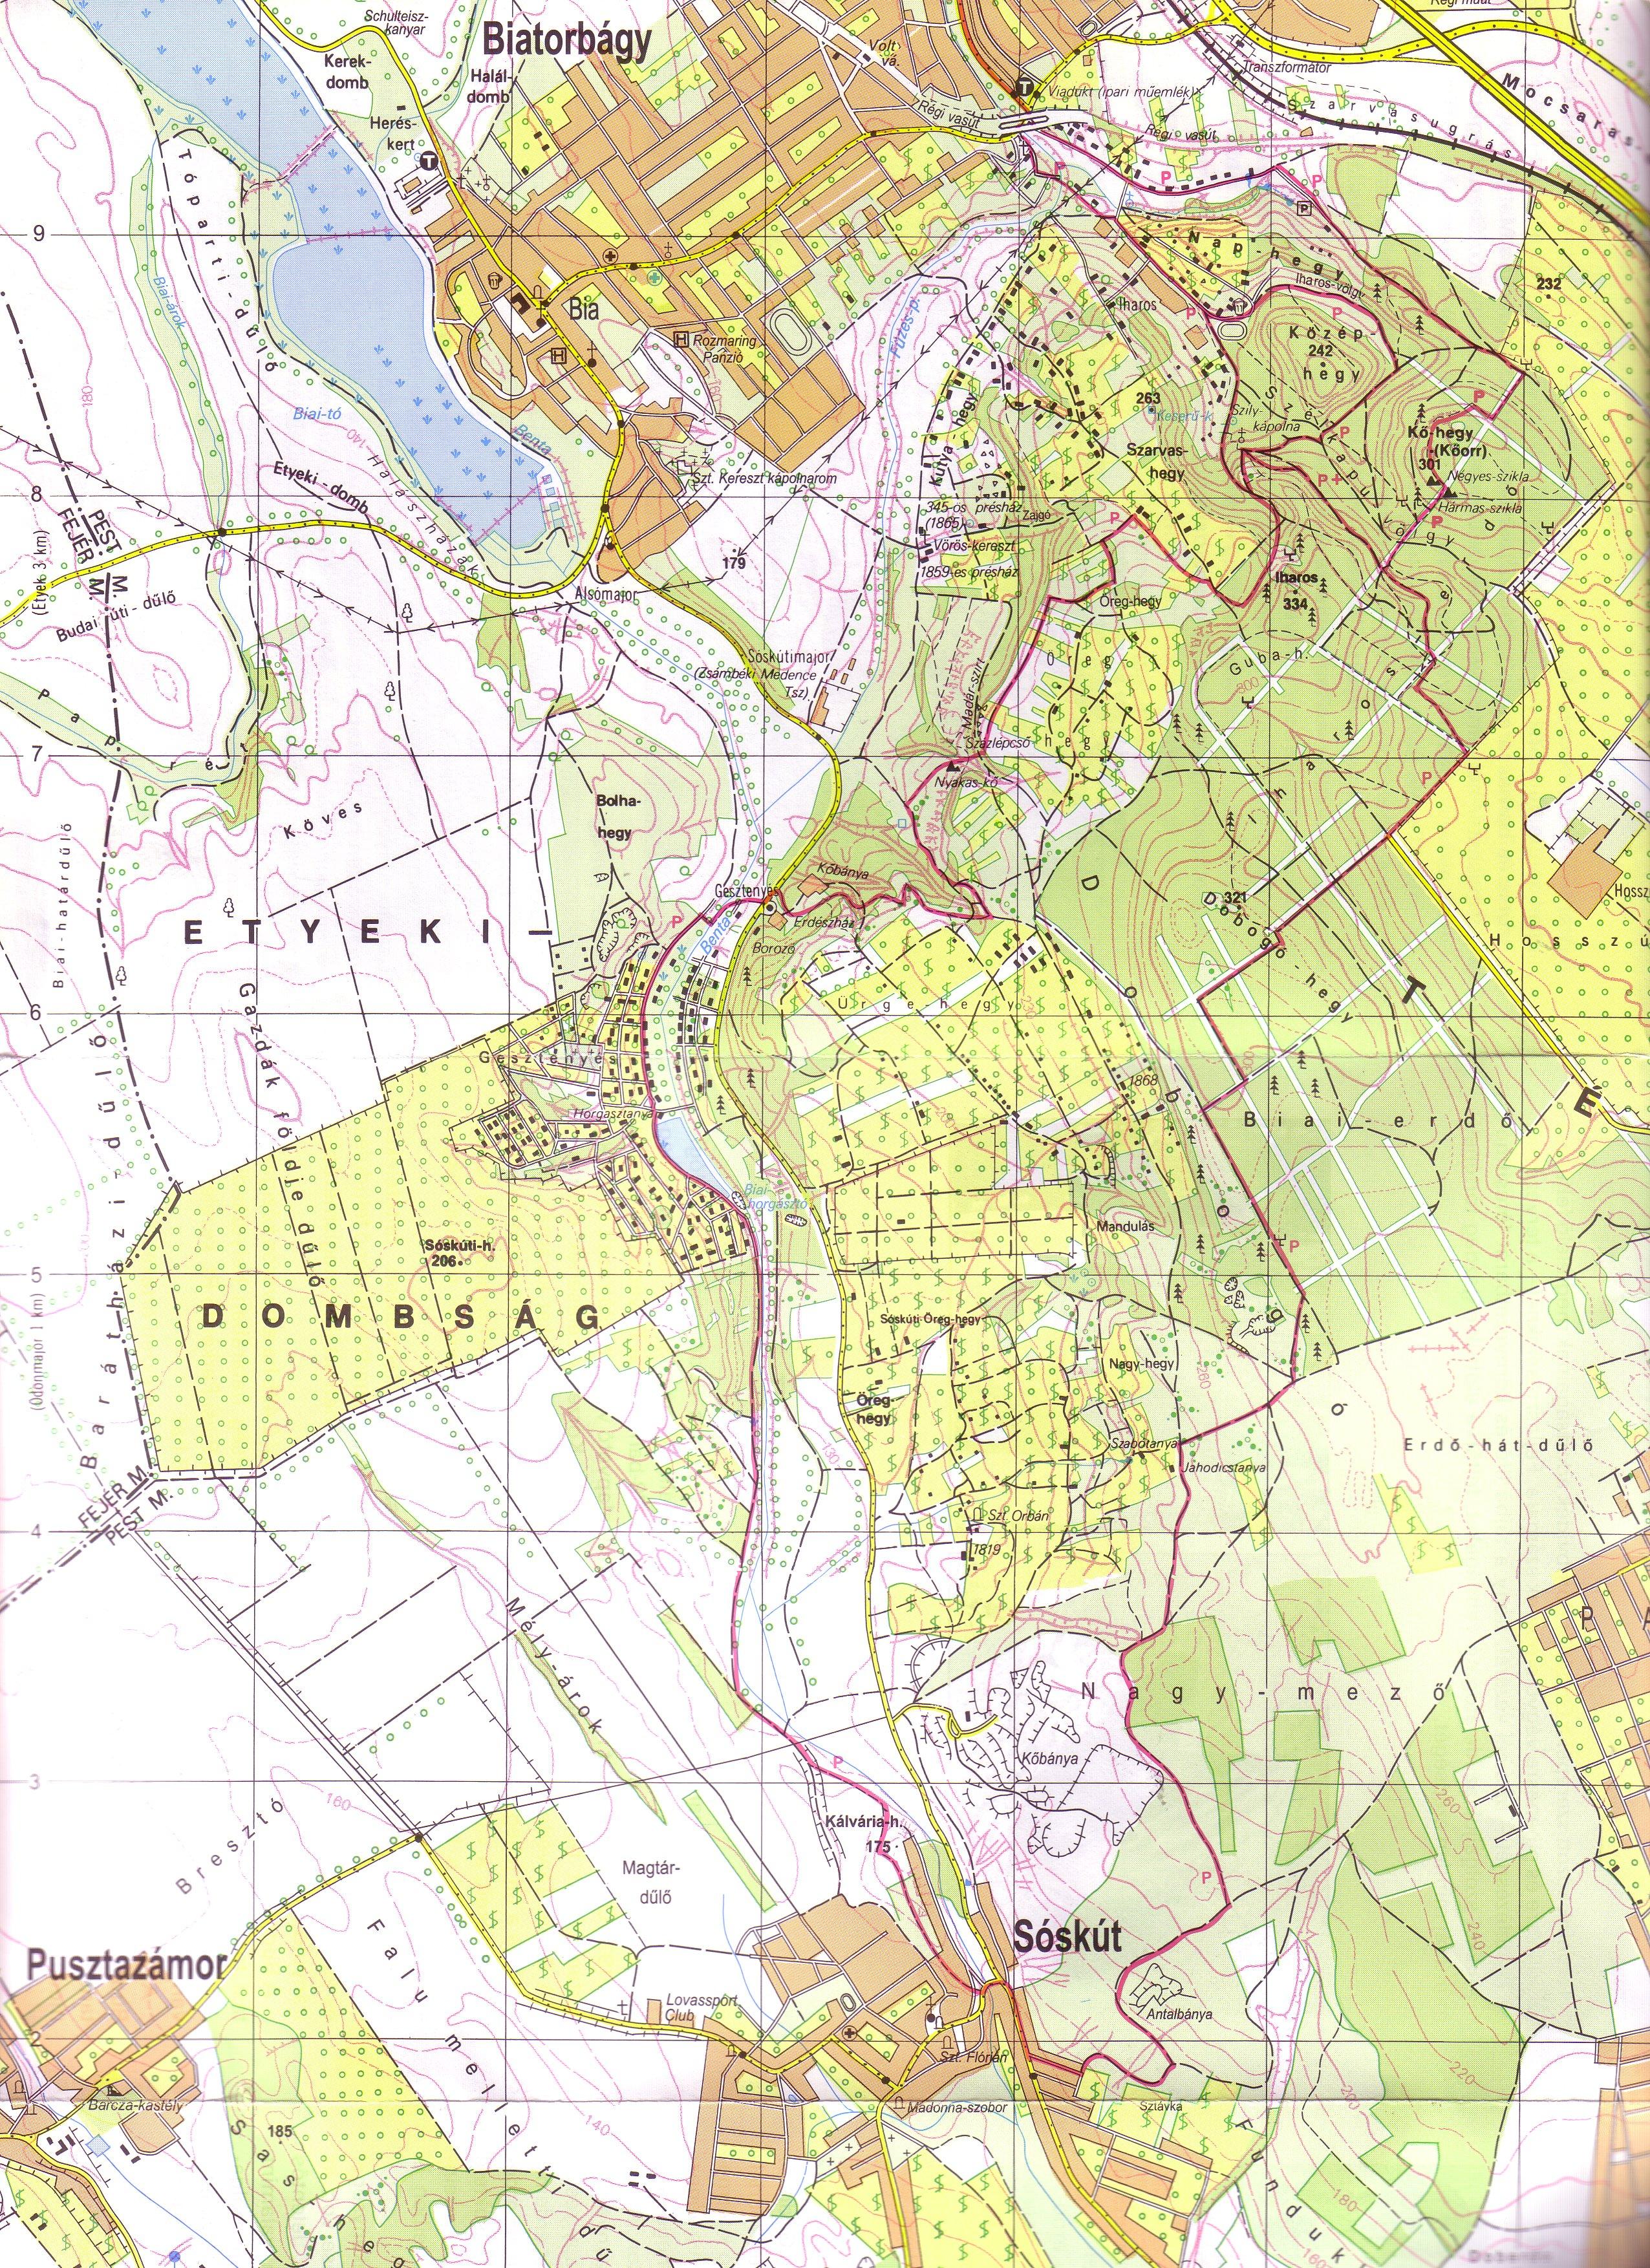 sóskút térkép 20130505 | Túrabot sóskút térkép